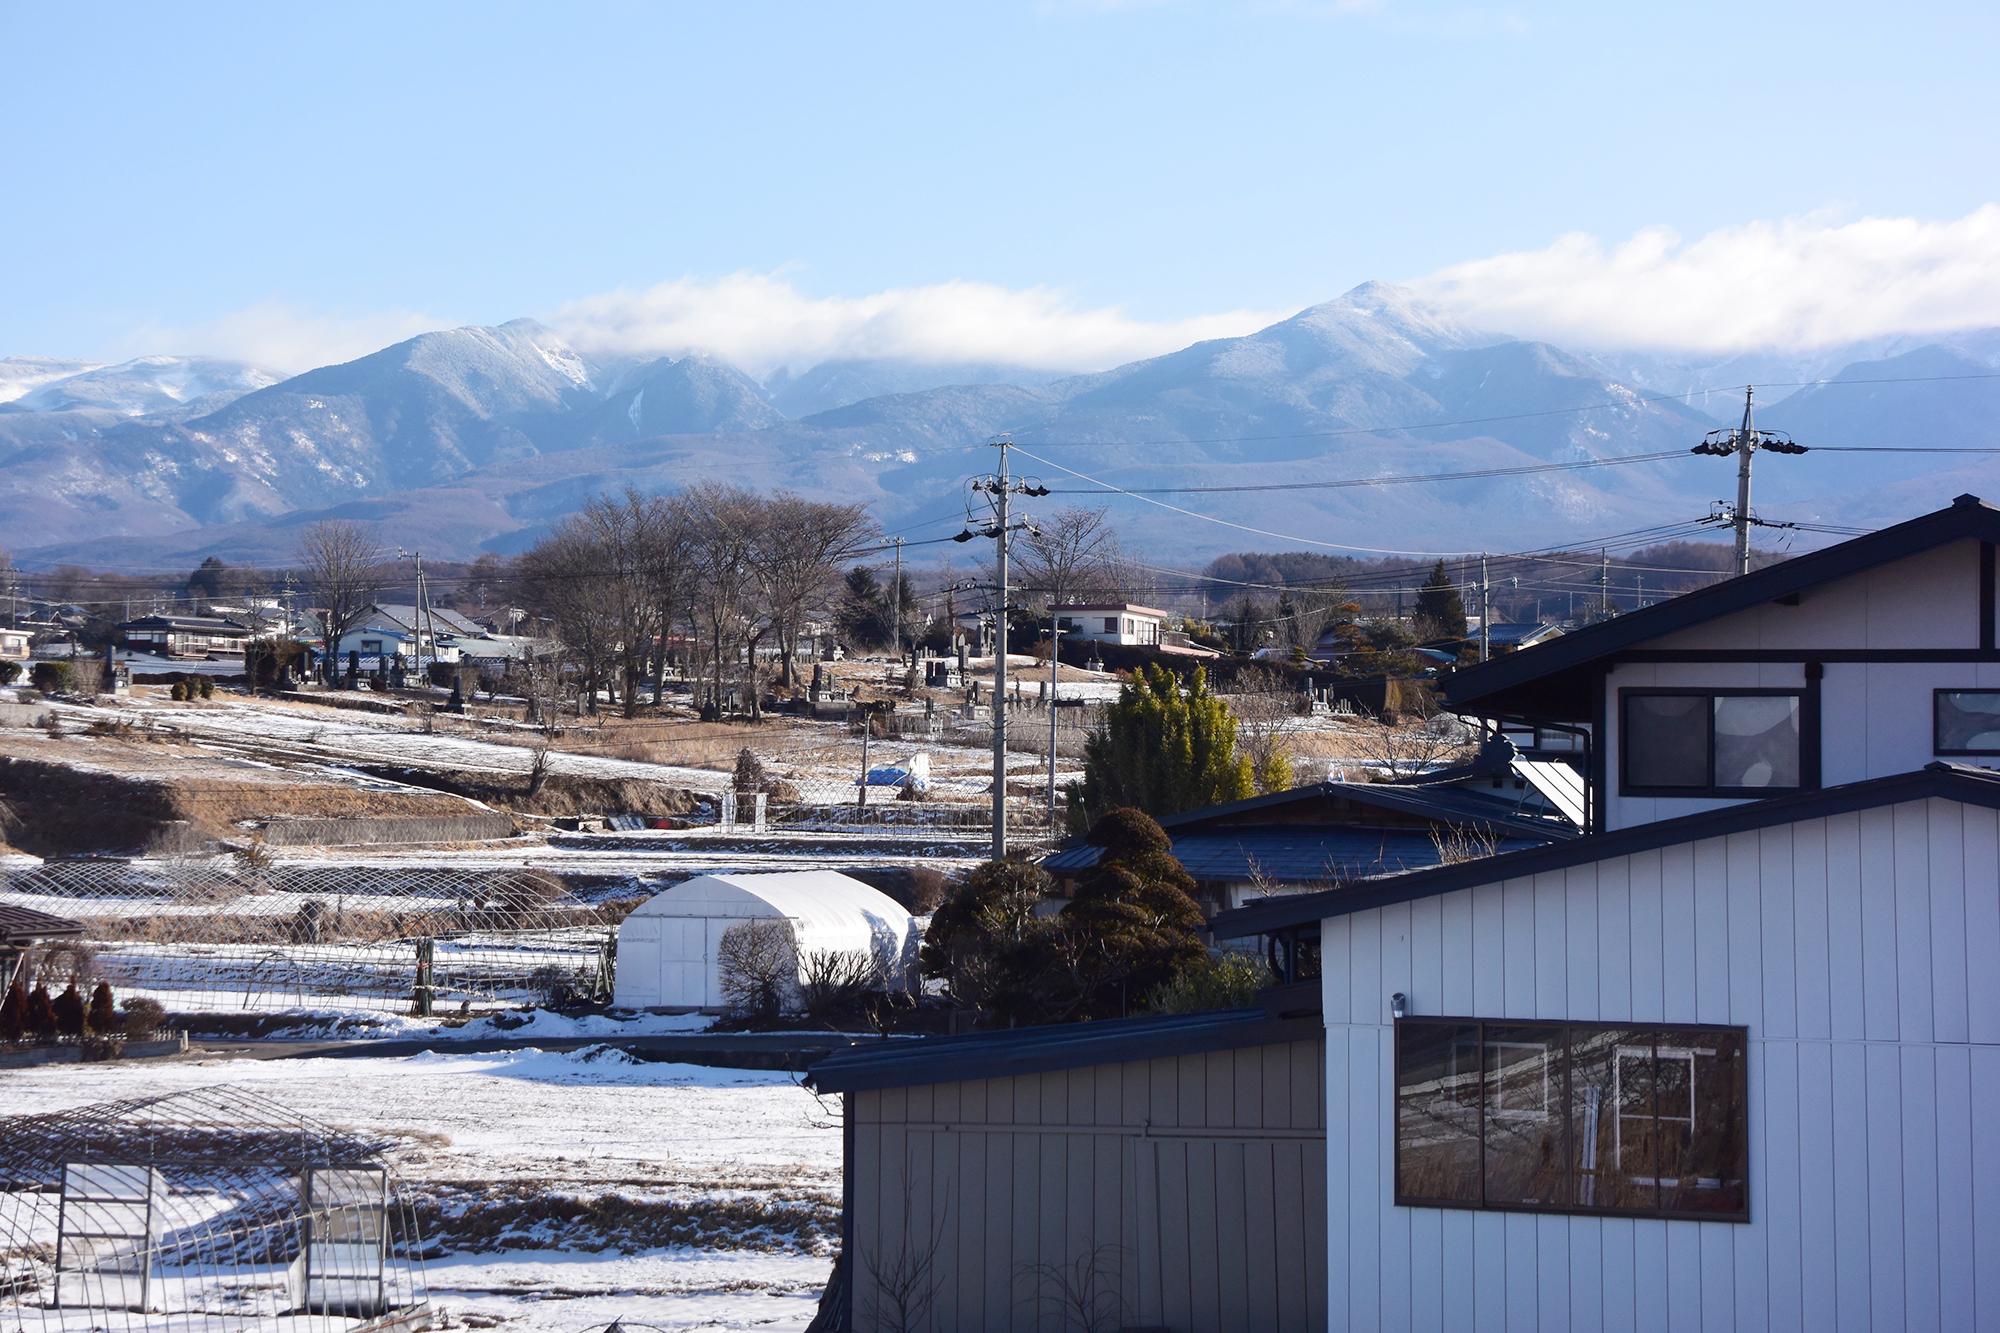 2Fの窓から眺めることのできる八ヶ岳